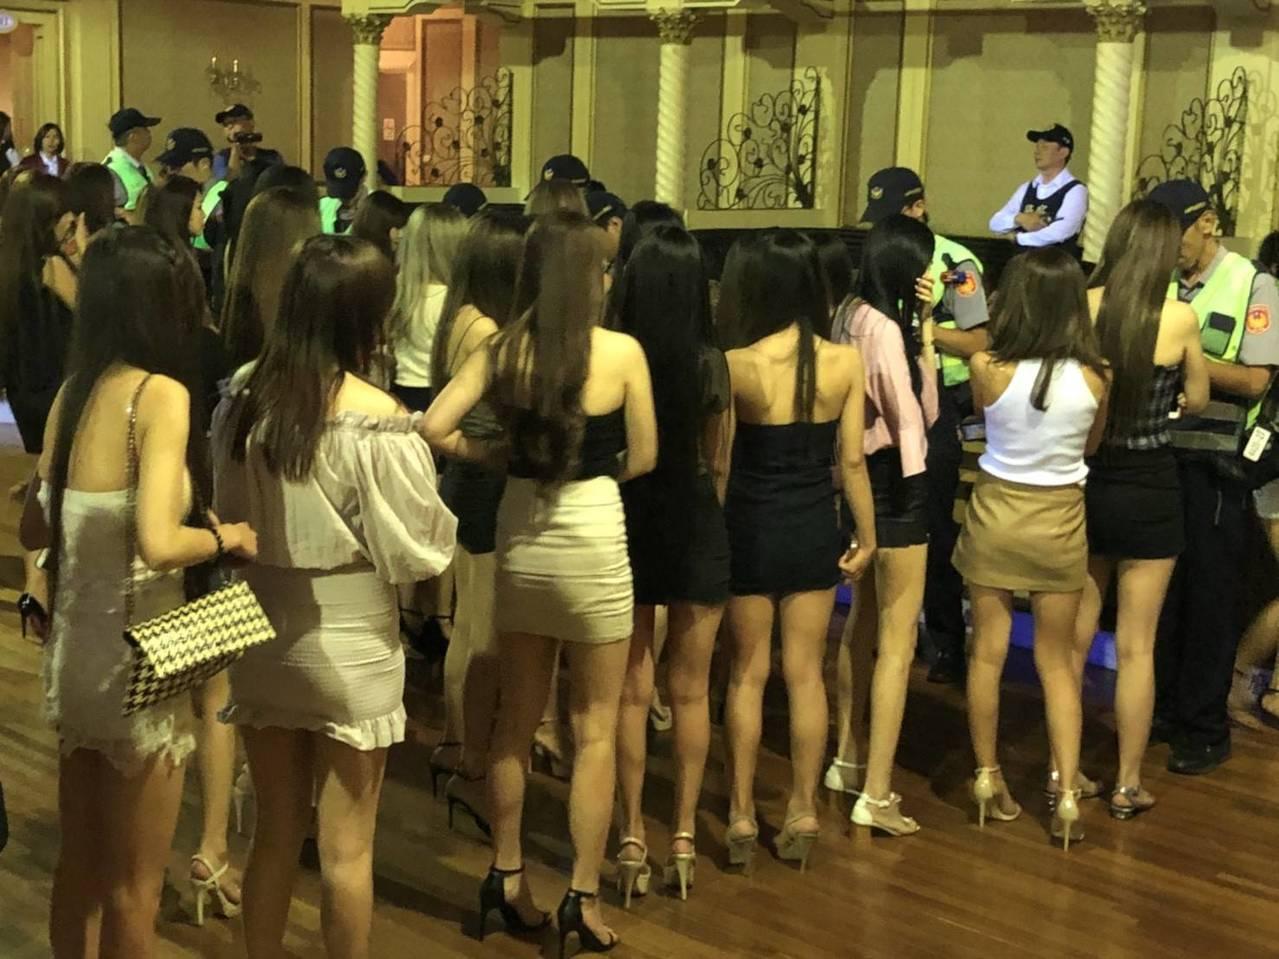 警方擴大臨檢舞廳,許多細肩帶露背正妹排隊接受身分查對。記者黃宣翰/翻攝